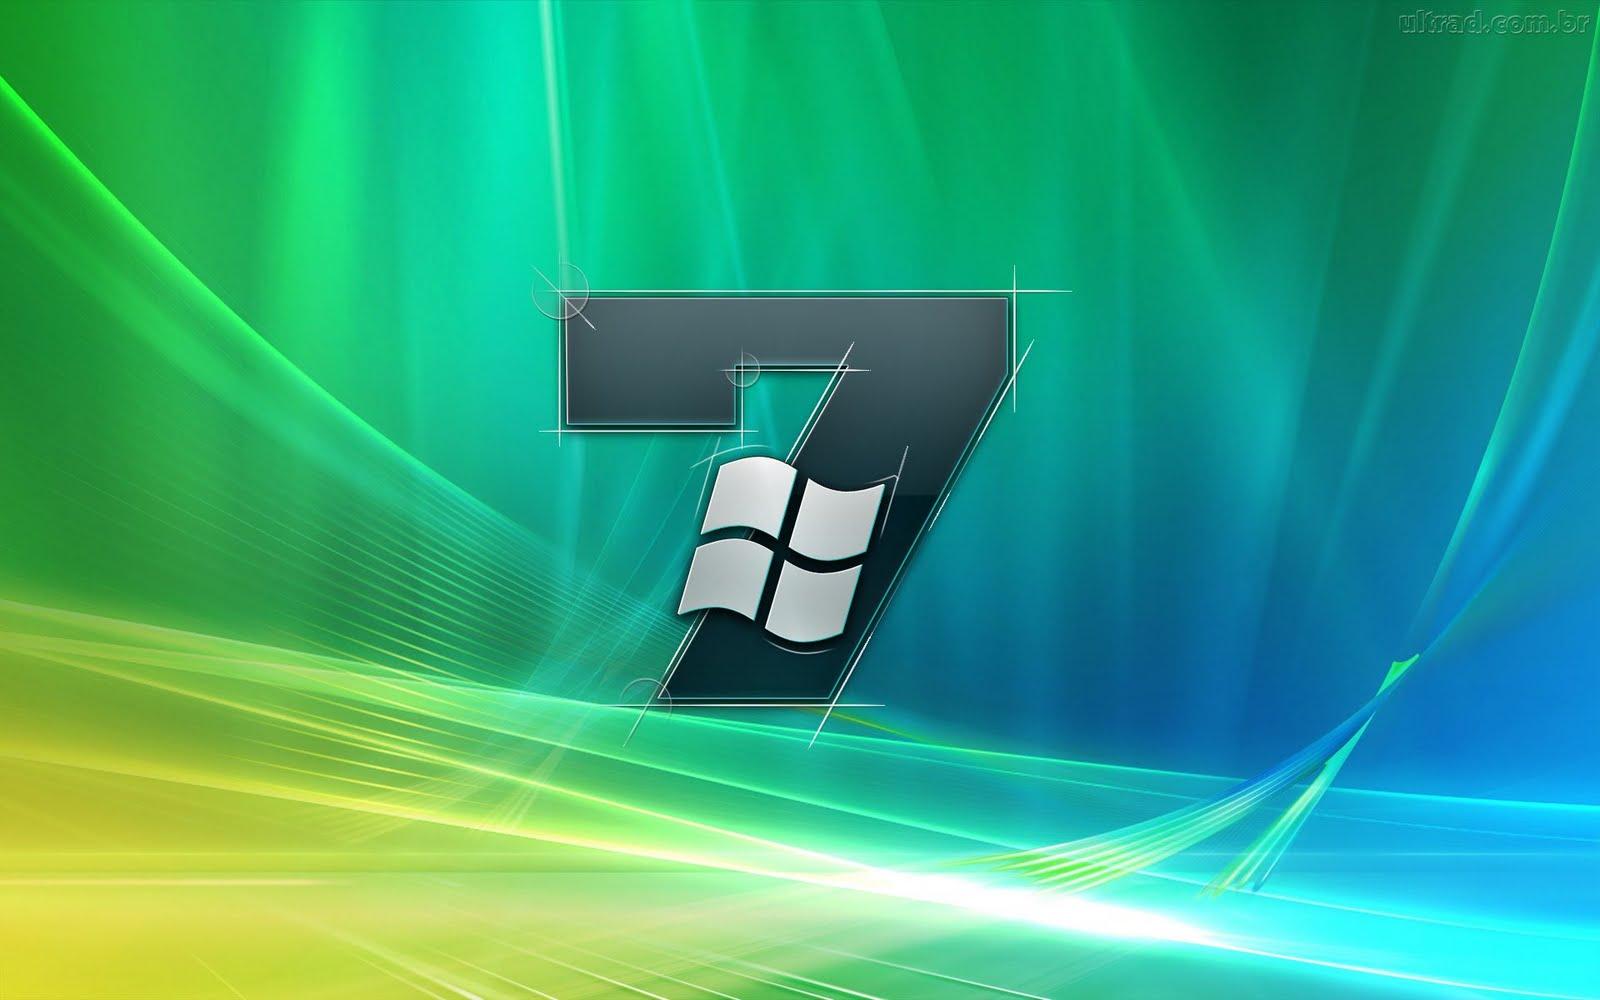 http://2.bp.blogspot.com/-x9_EiXhsejw/TnacW082_ZI/AAAAAAAAA2E/c1uOcaKM1aM/s1600/124643_Papel-de-Parede-Windows-7--124643_1920x1200.jpg